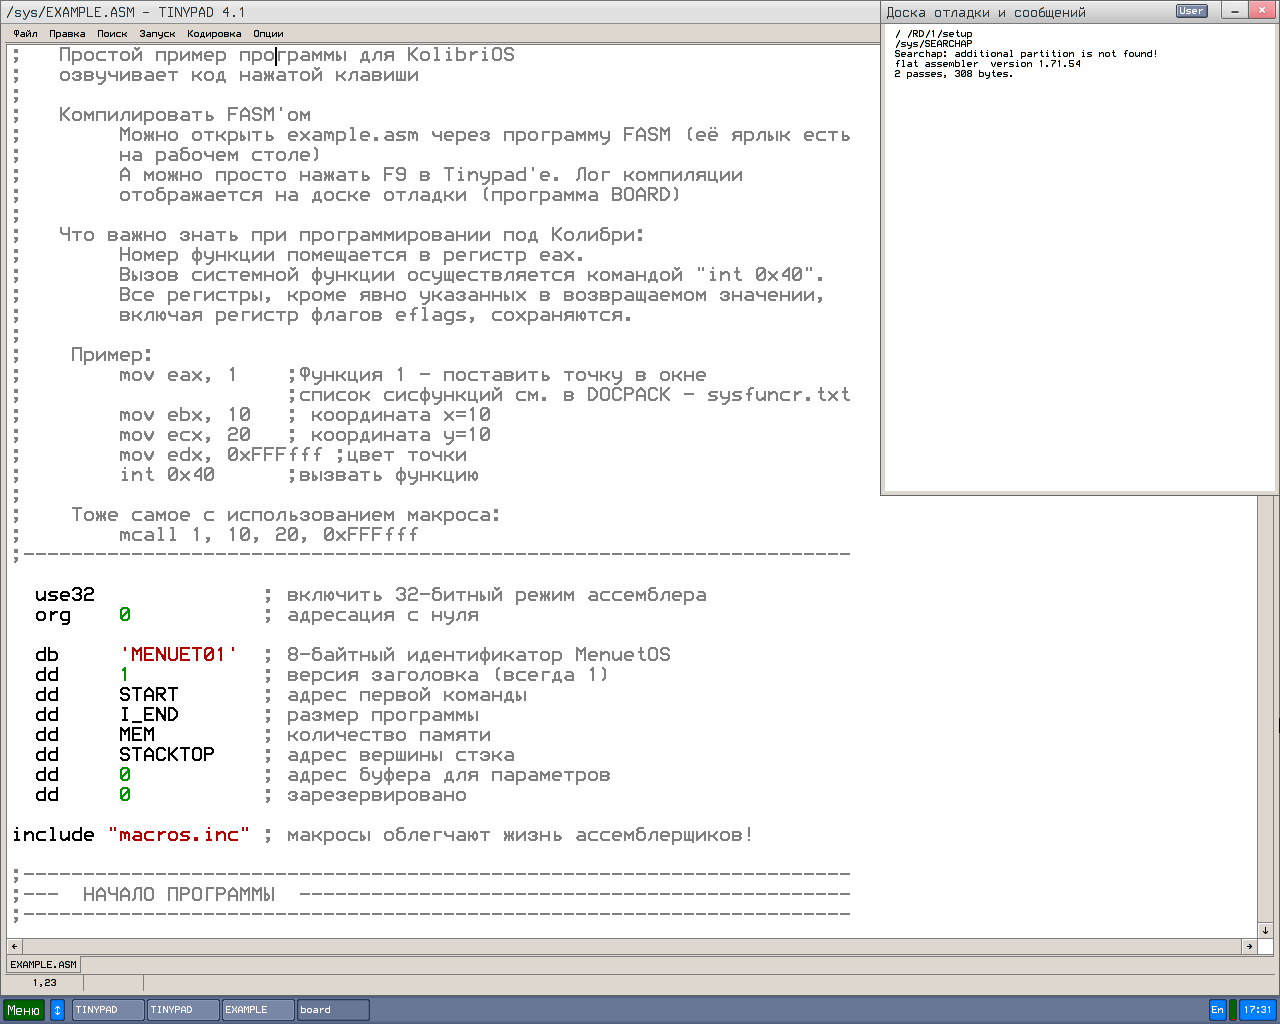 Запуск программы прямо из TinyPad